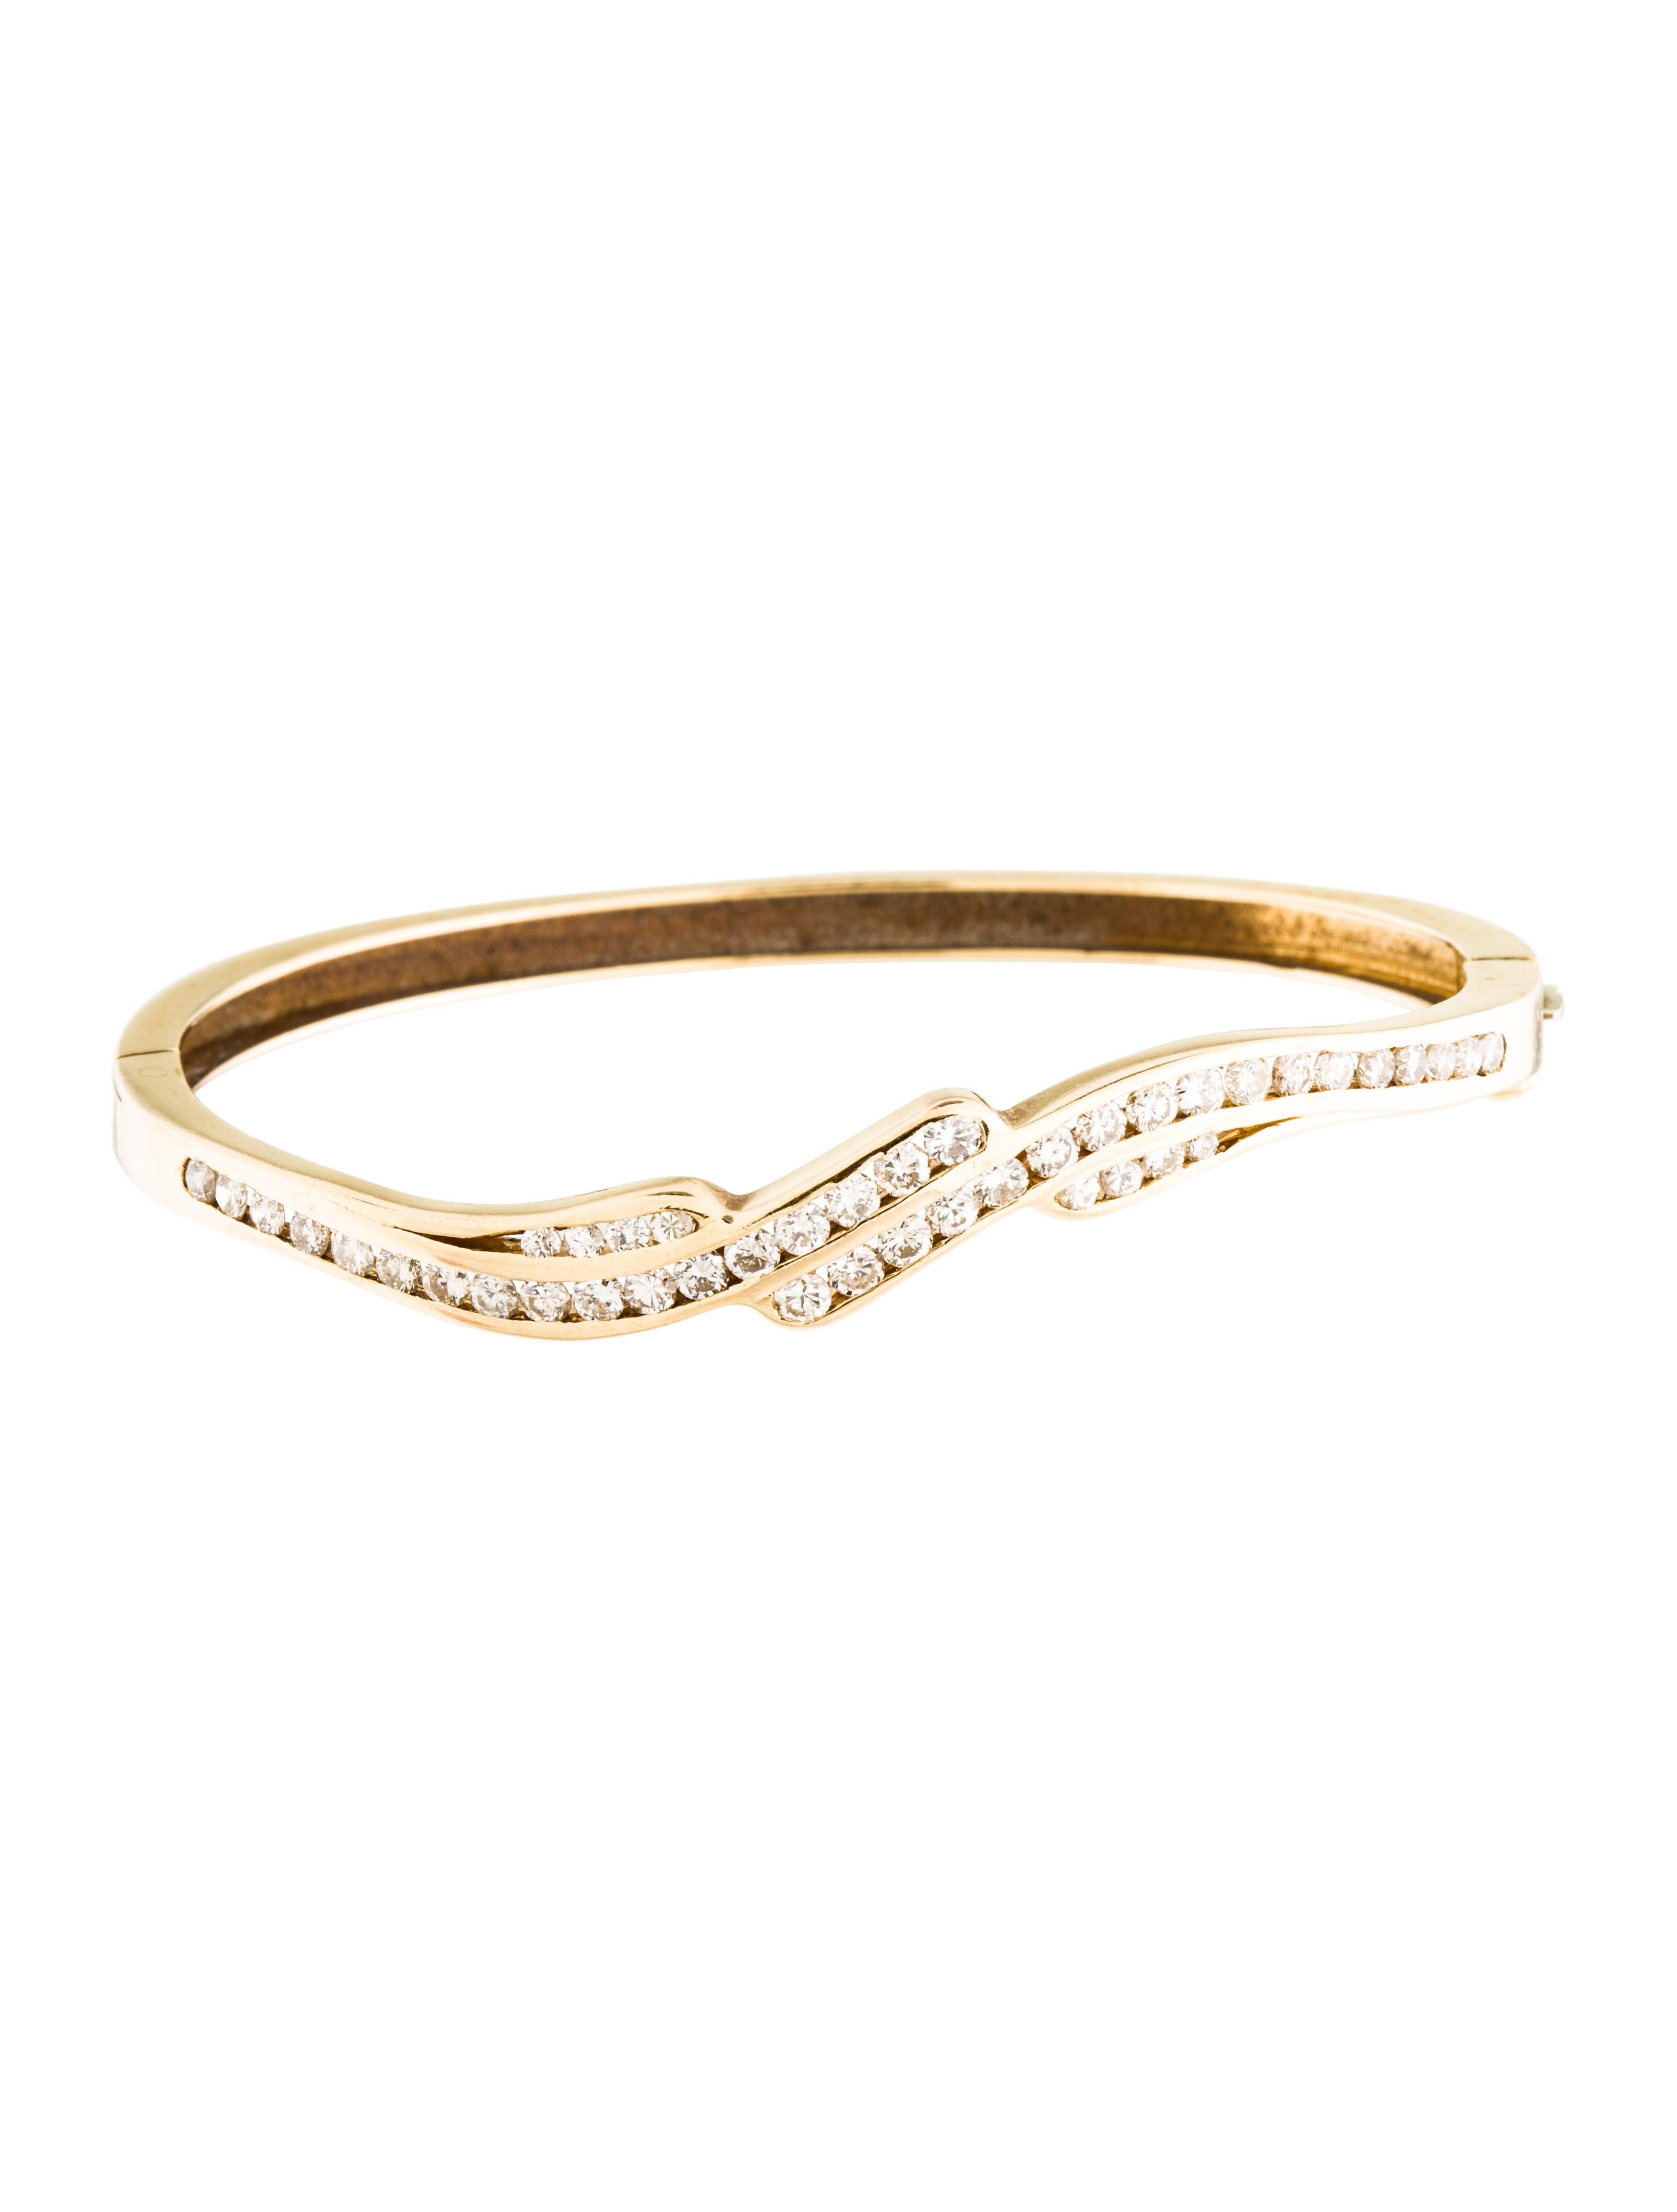 Diamond Anklet With Toe Ring Lc00035 In Anklets From: 14K Diamond Bangle Bracelet - Bracelets - BRACE25102